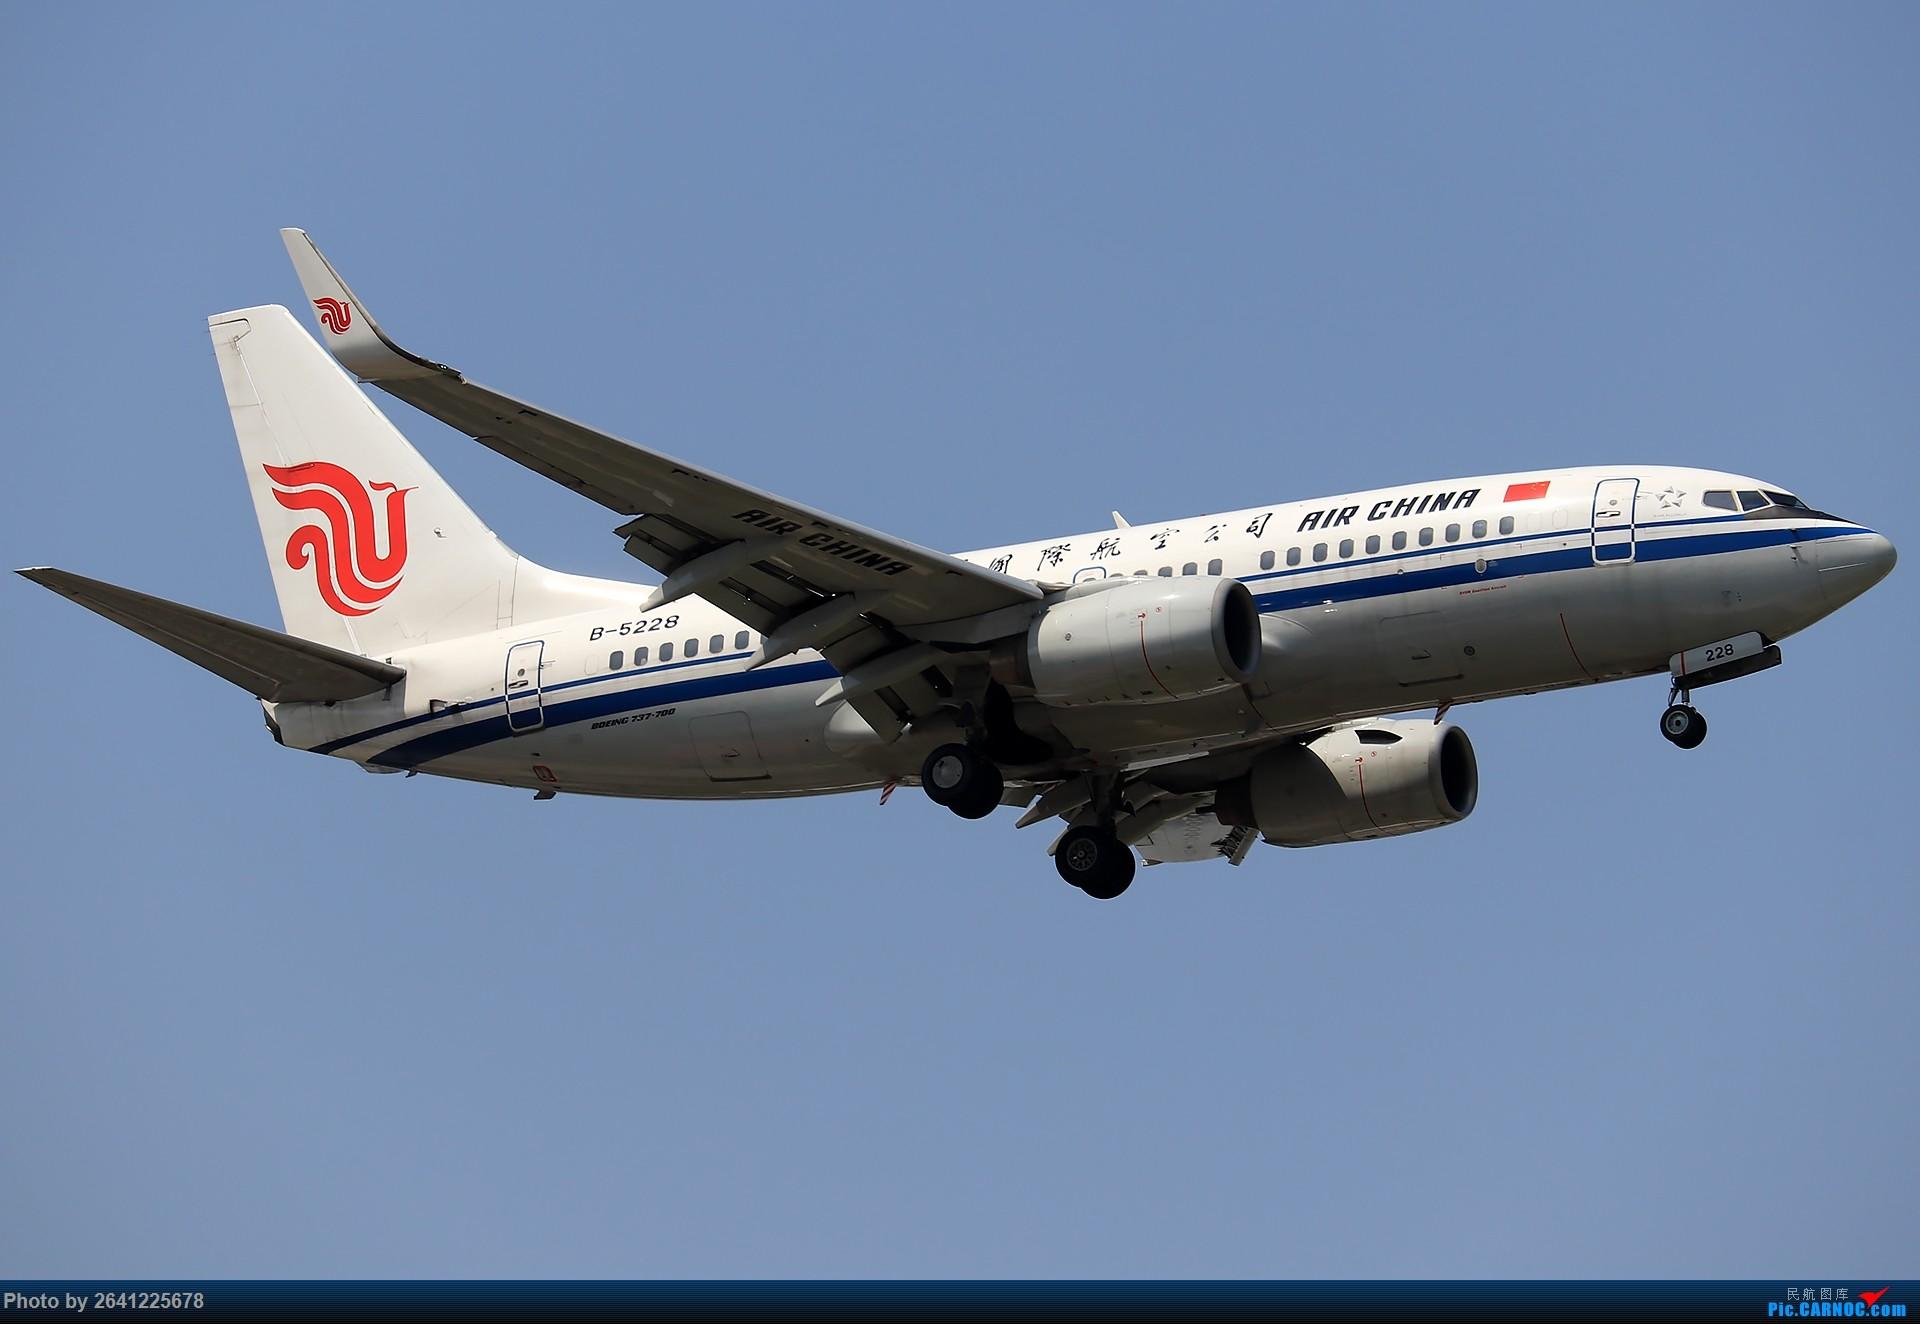 Re:[原创]*****试新机+新镜***** 1920(烂天+地热+渣技术,望大佬多多包涵) BOEING 737-700 B-5228 中国北京首都国际机场